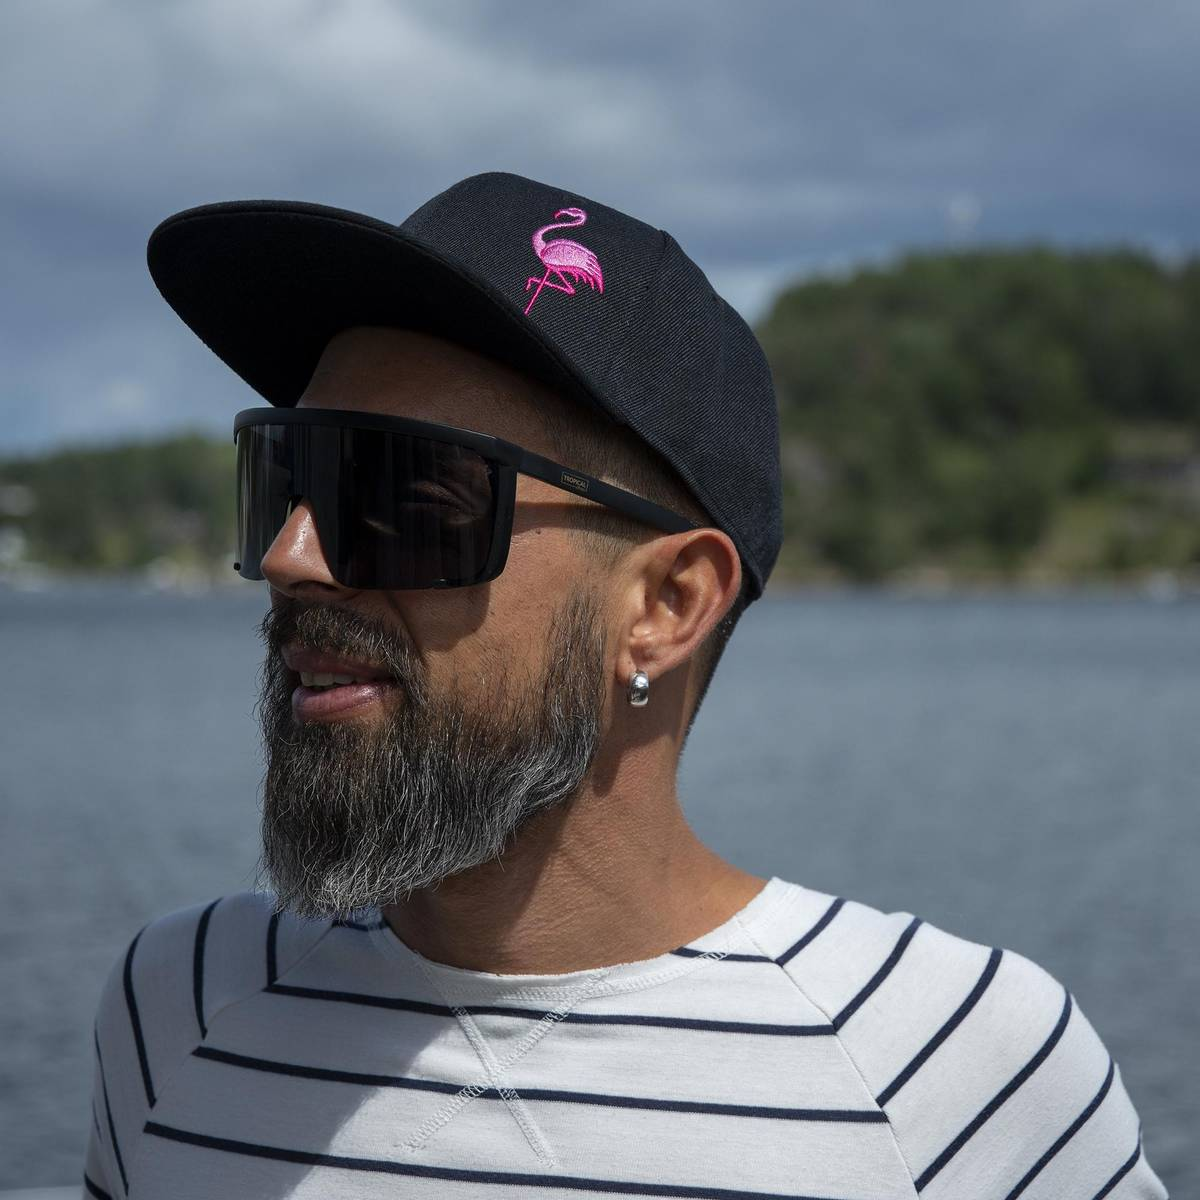 Flat Snapback Caps - Flamingo Sort